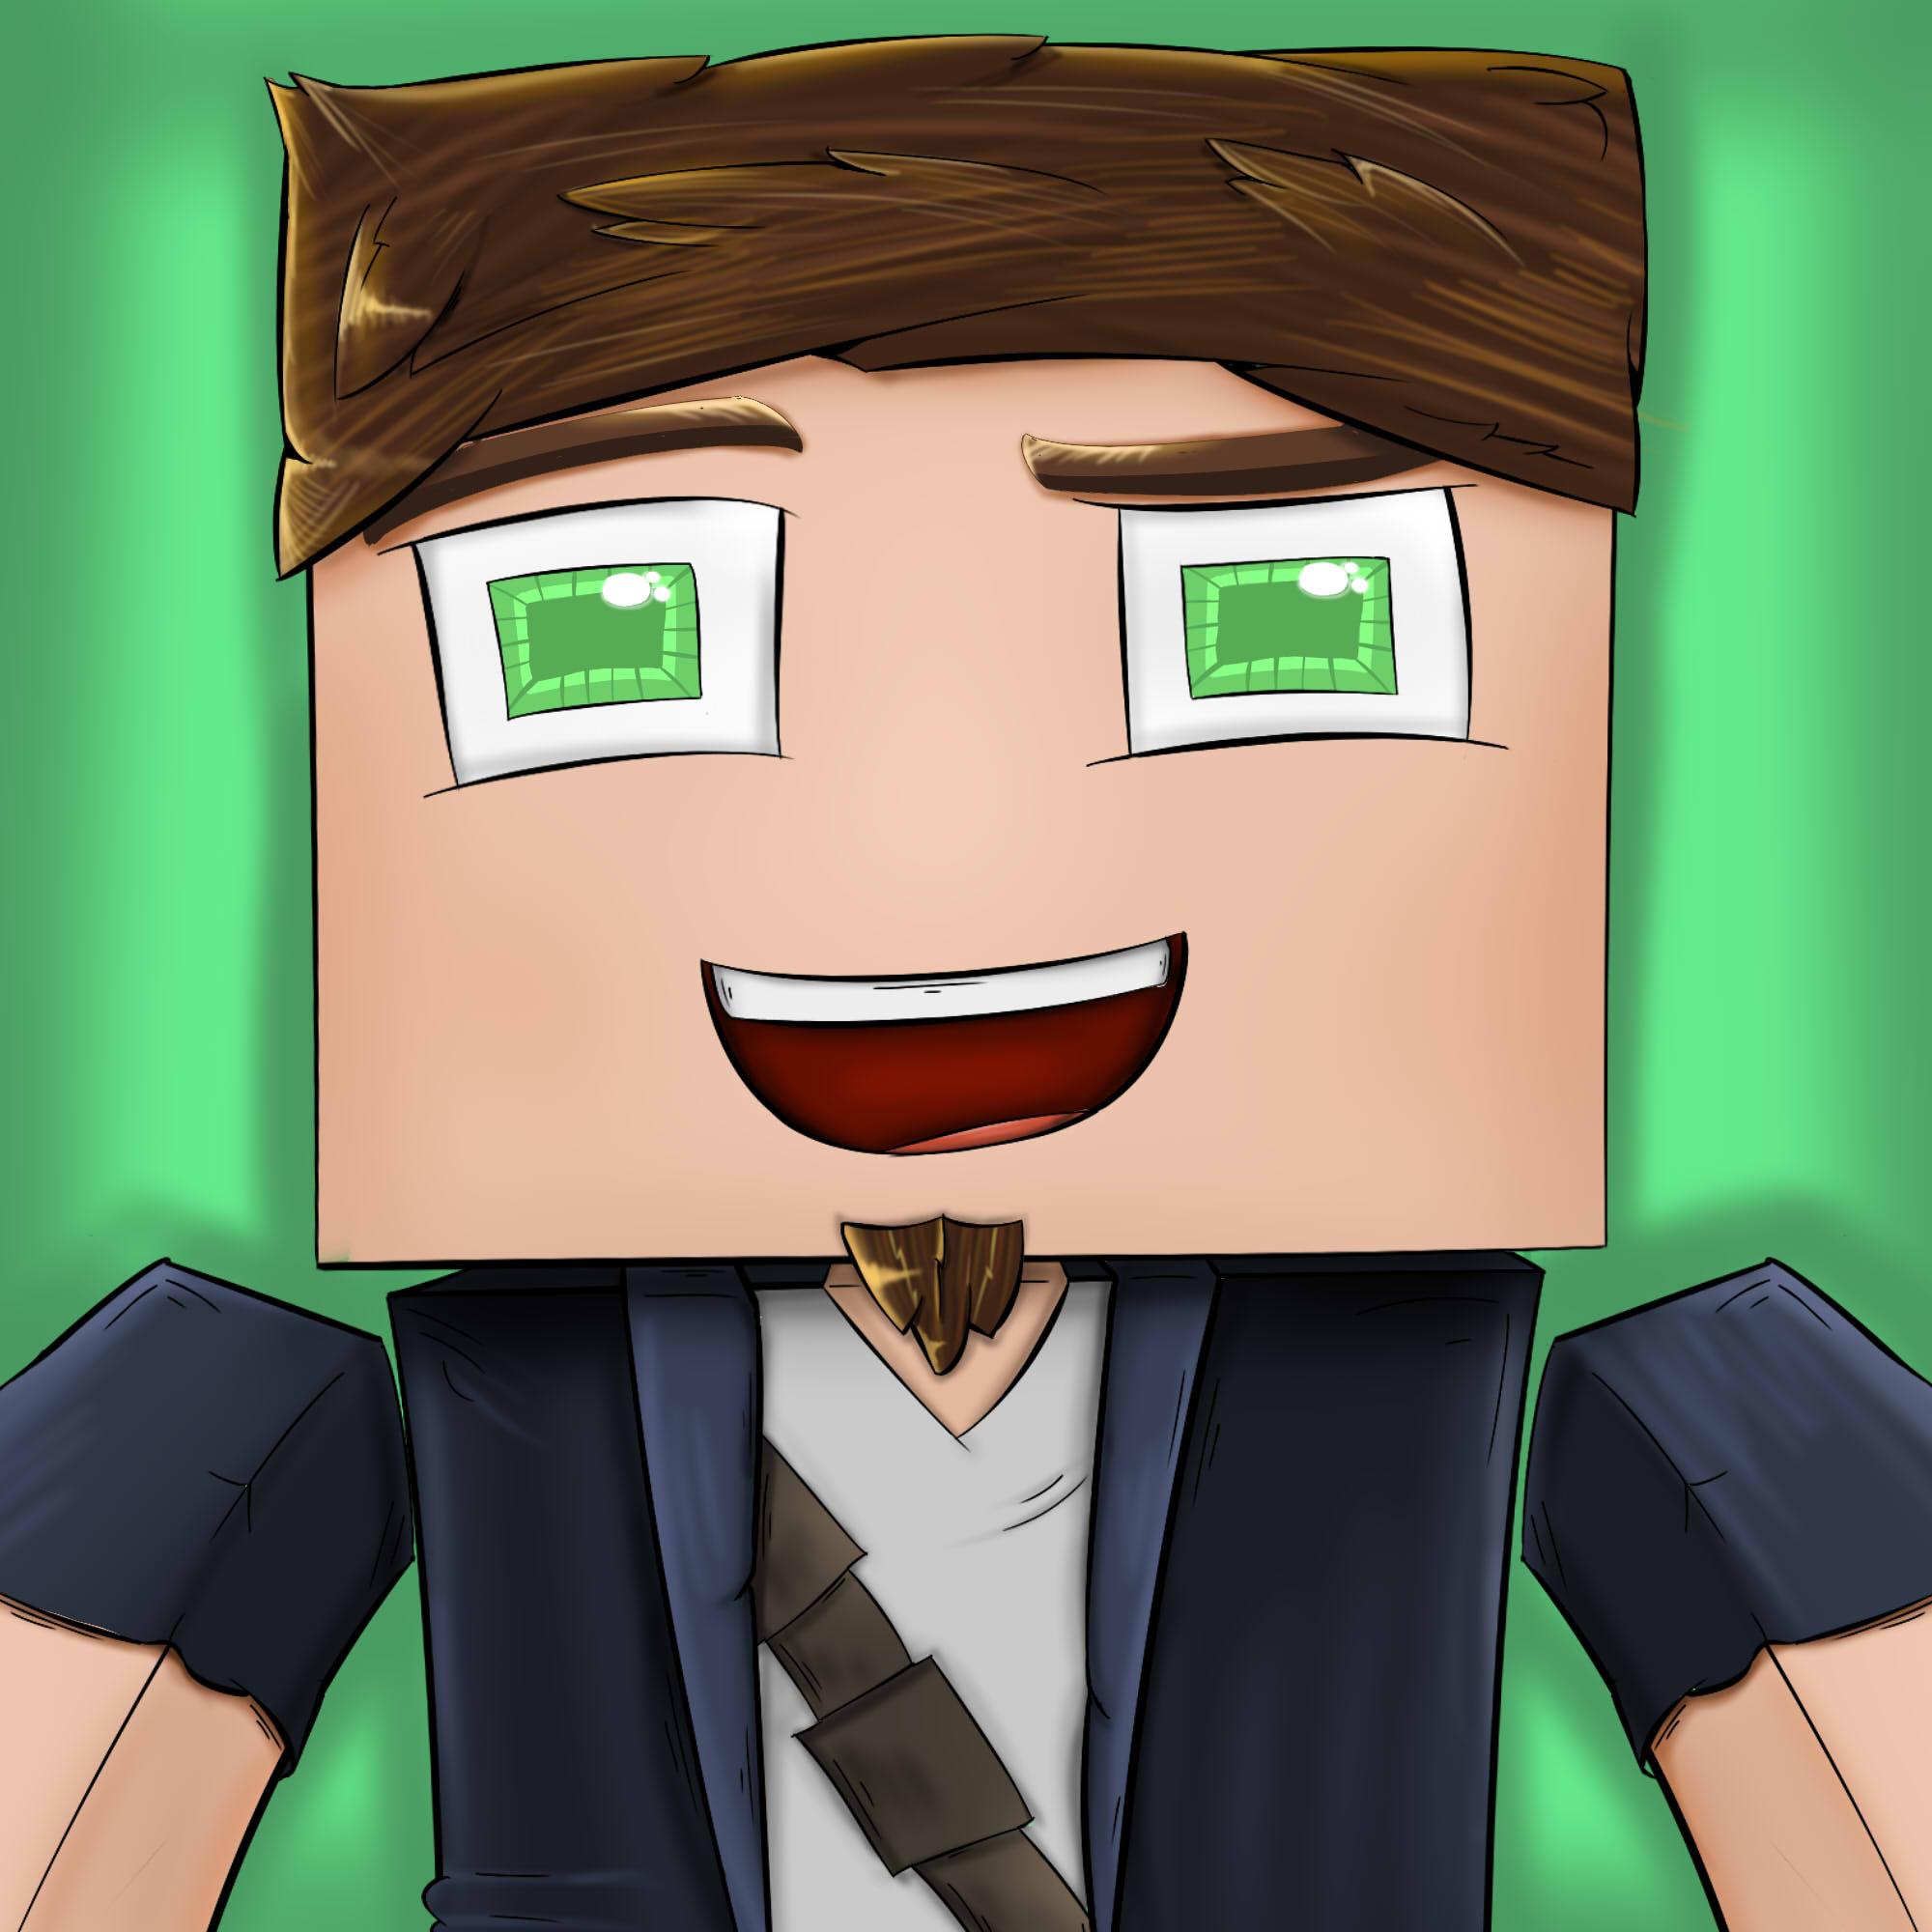 фотки майнкрафт на аватарку